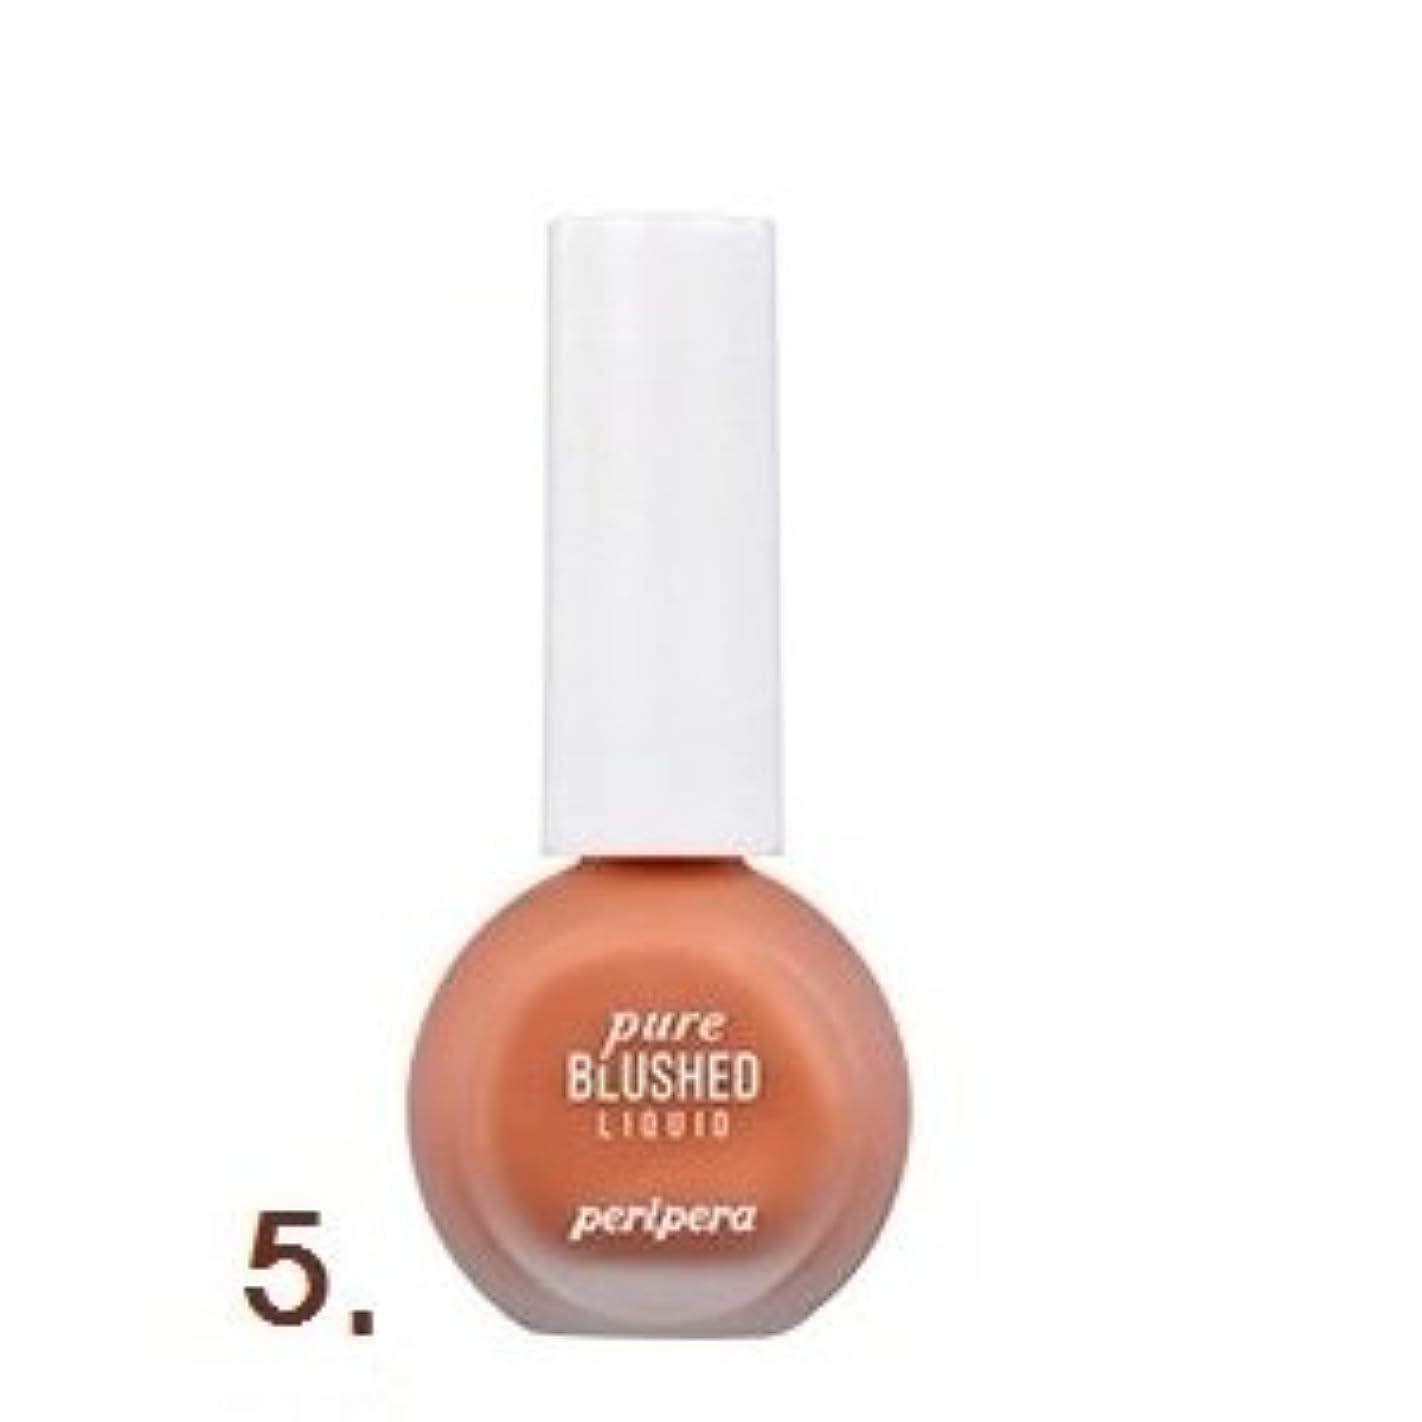 貧しい剥離繊毛Peripera Pure Blushed Liquid Cheek #5 Chic cinnamon/ペリペラ ピュア ブラッシュ リキッド チーク [並行輸入品]